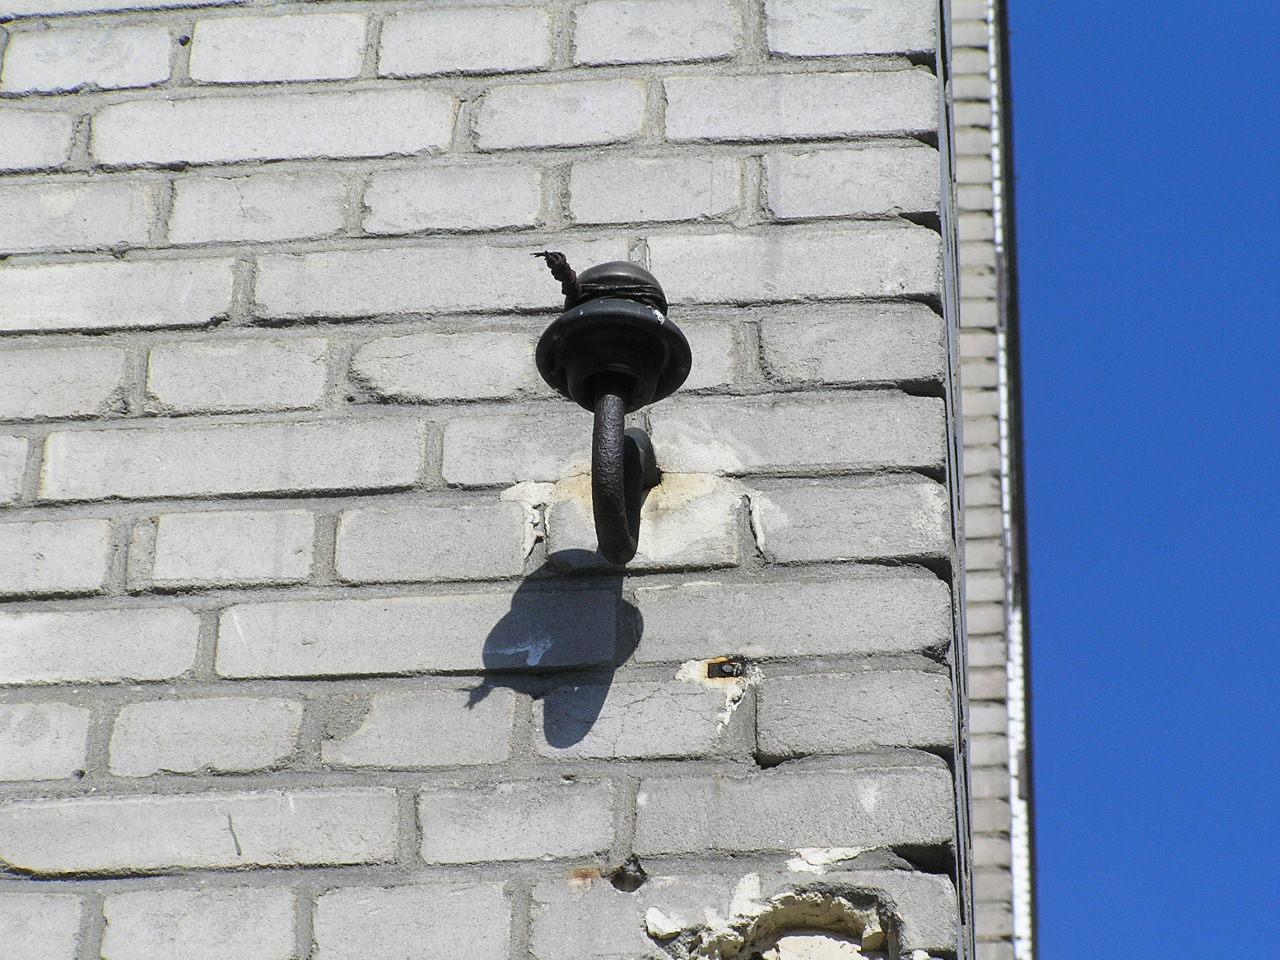 Izolator na ścianie budyneku przy ulicy Siennickiej 38 na Grochowie